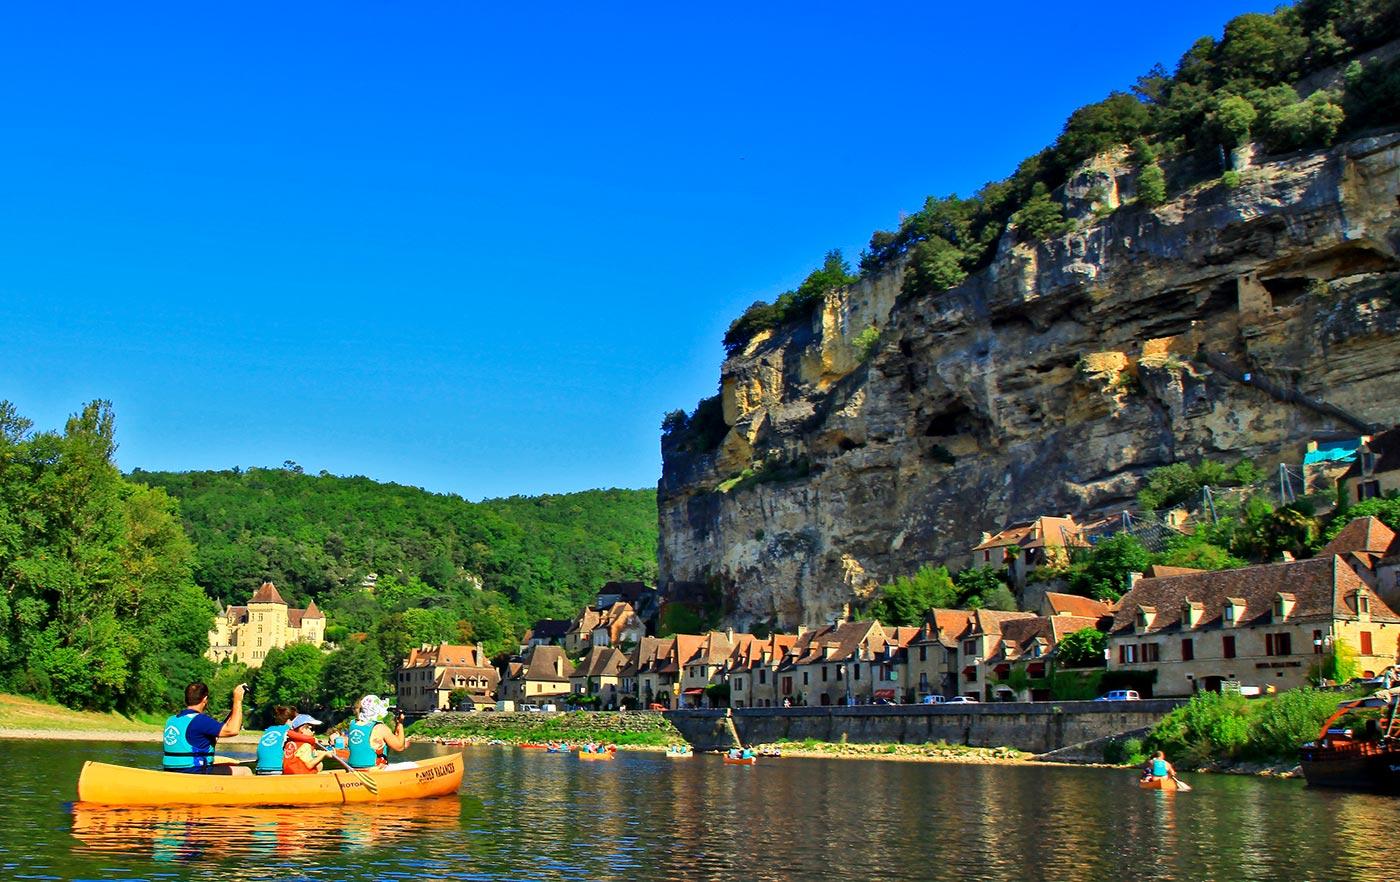 La Roque Gageac Canoës Vacances Louer un canoë ou un kayak pour découvrir la rivière Dordogne et ses châteaux